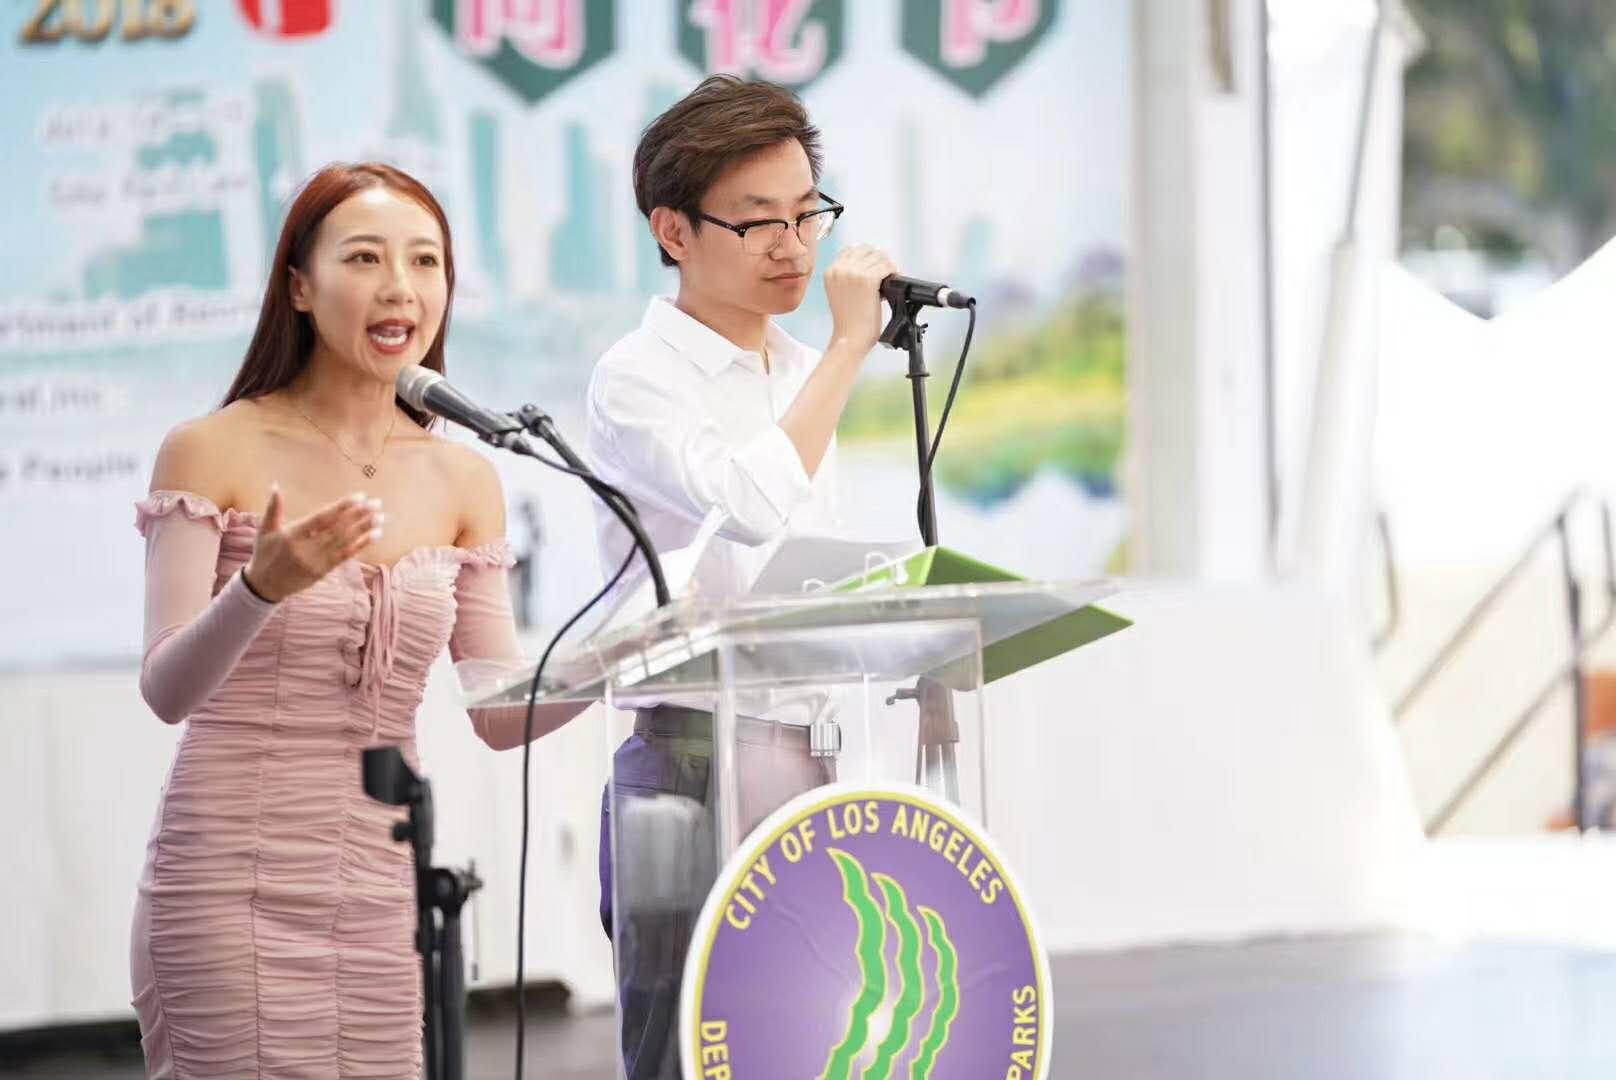 鹰龙传媒环球东方广播电视台主持人蓝天和熊天宇,主持文艺节目